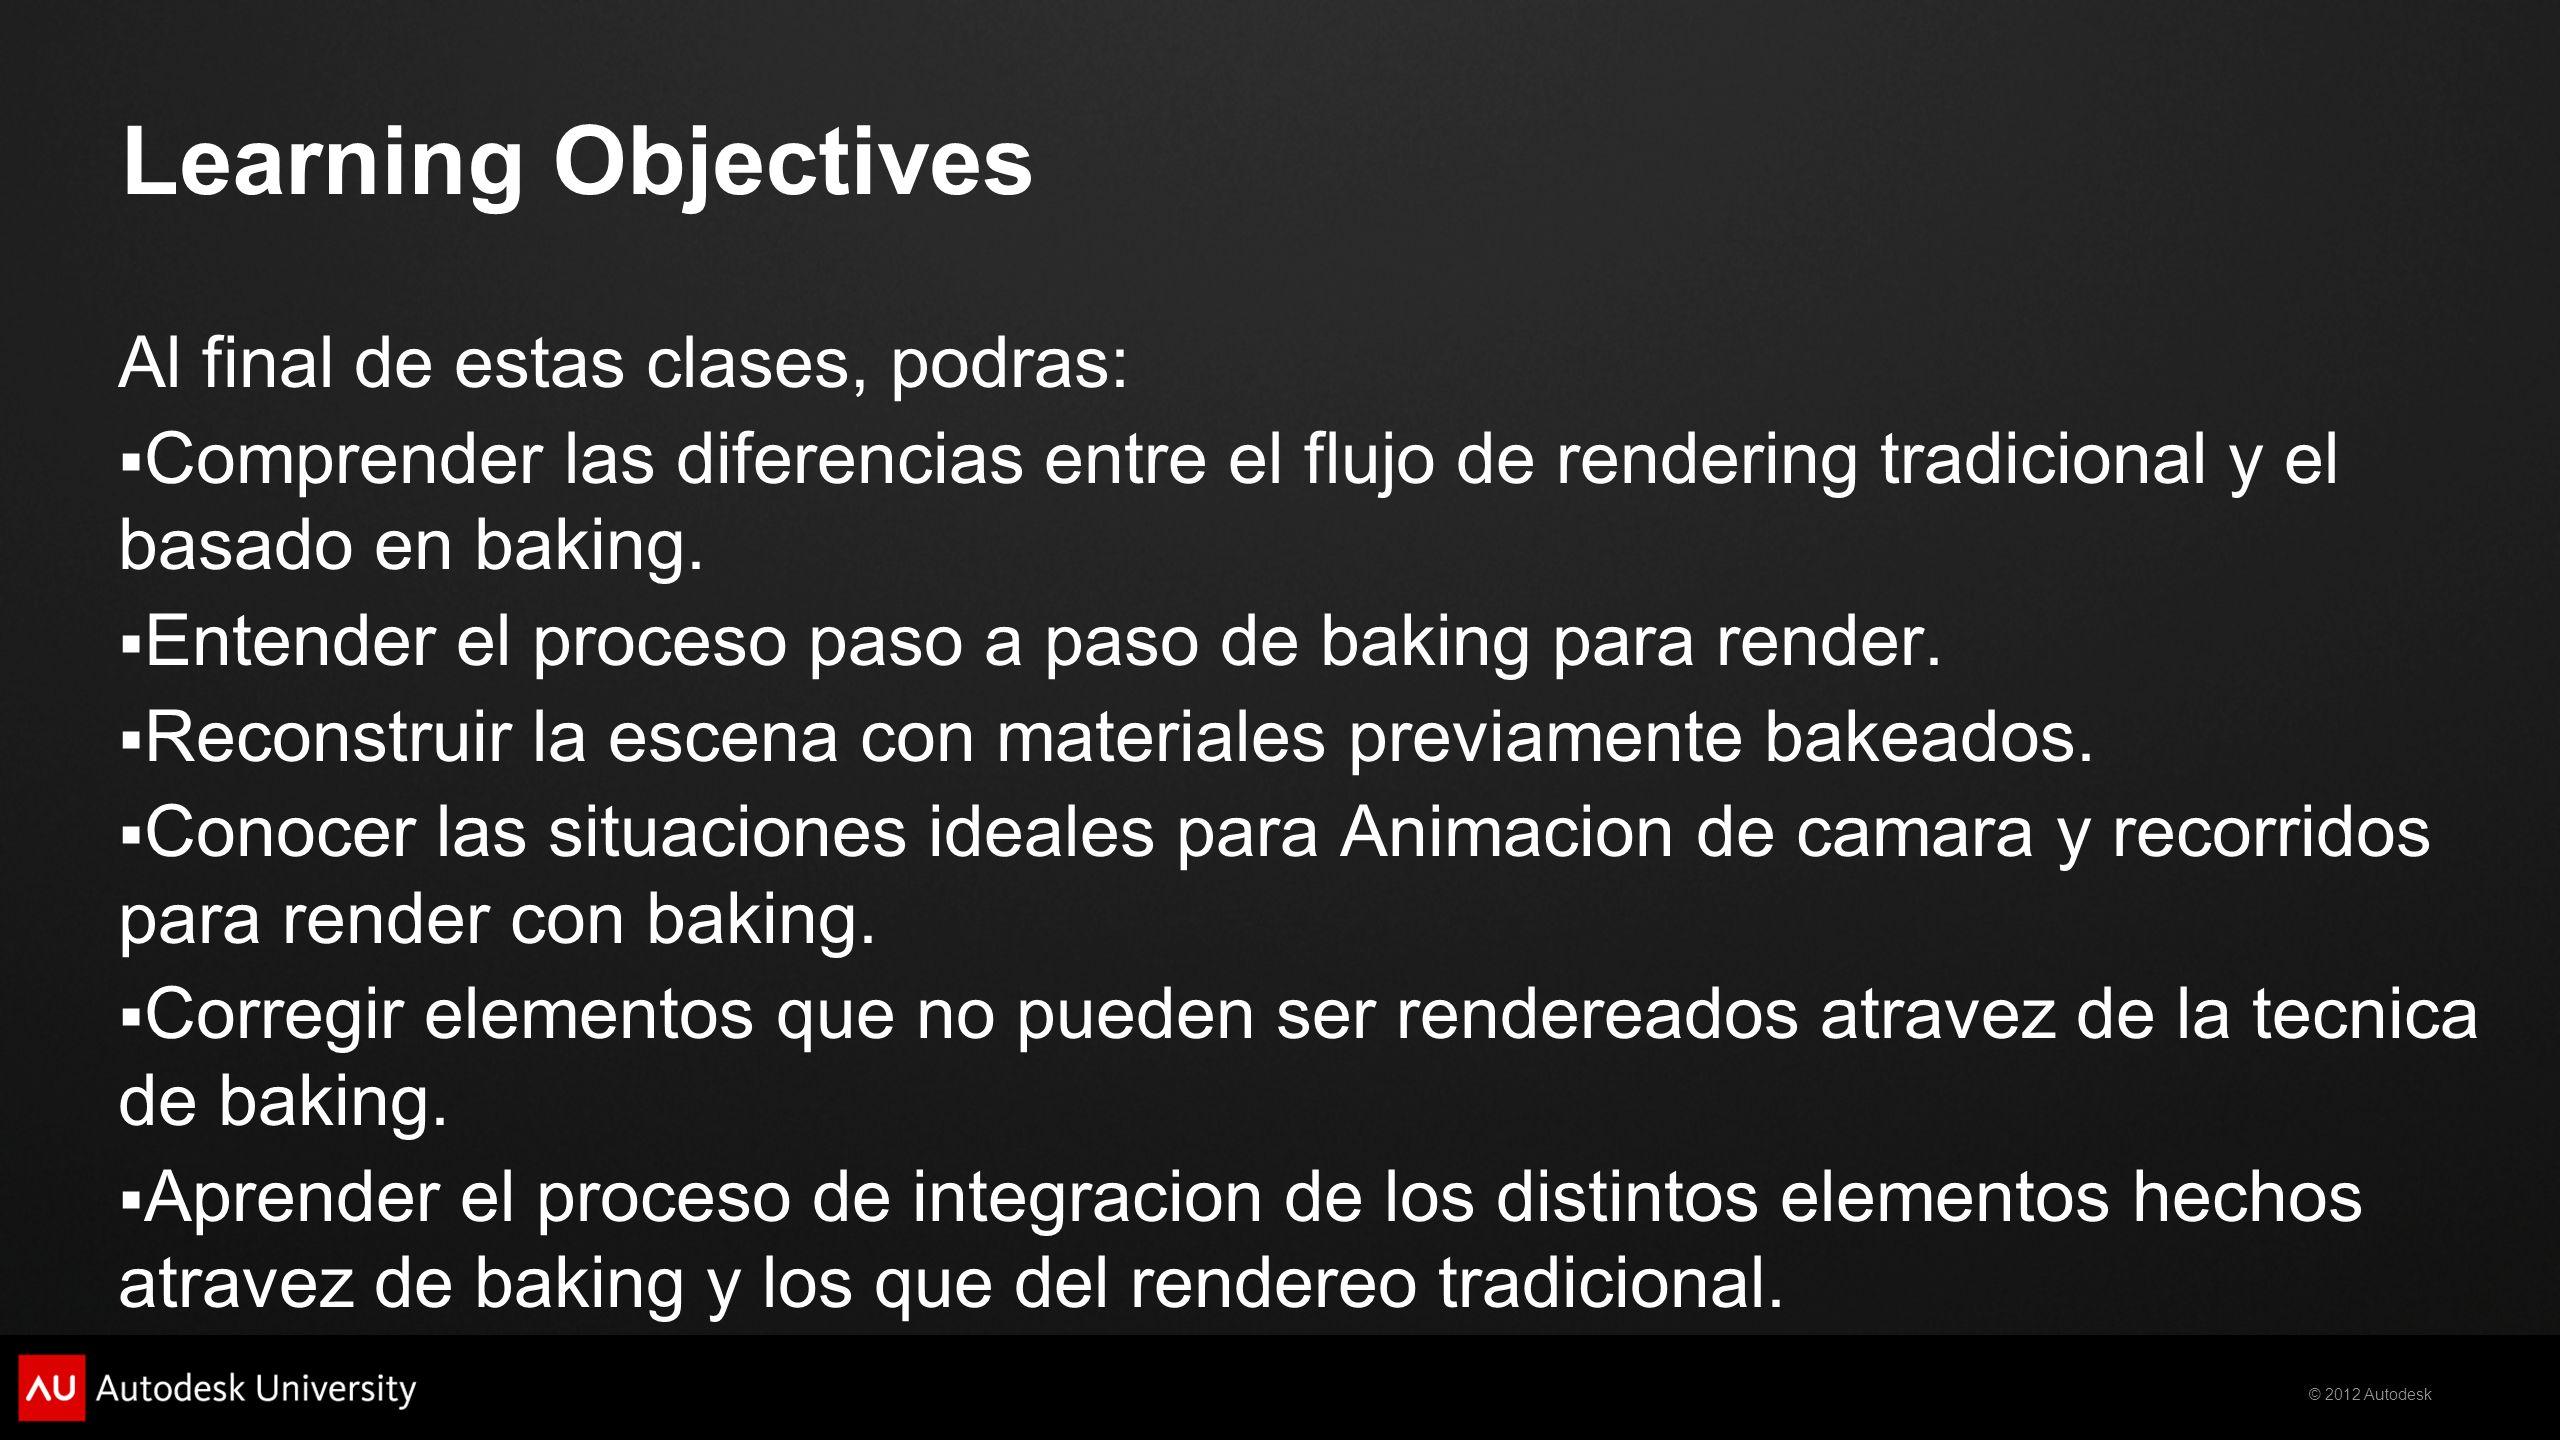 © 2012 Autodesk Learning Objectives Al final de estas clases, podras: Comprender las diferencias entre el flujo de rendering tradicional y el basado e